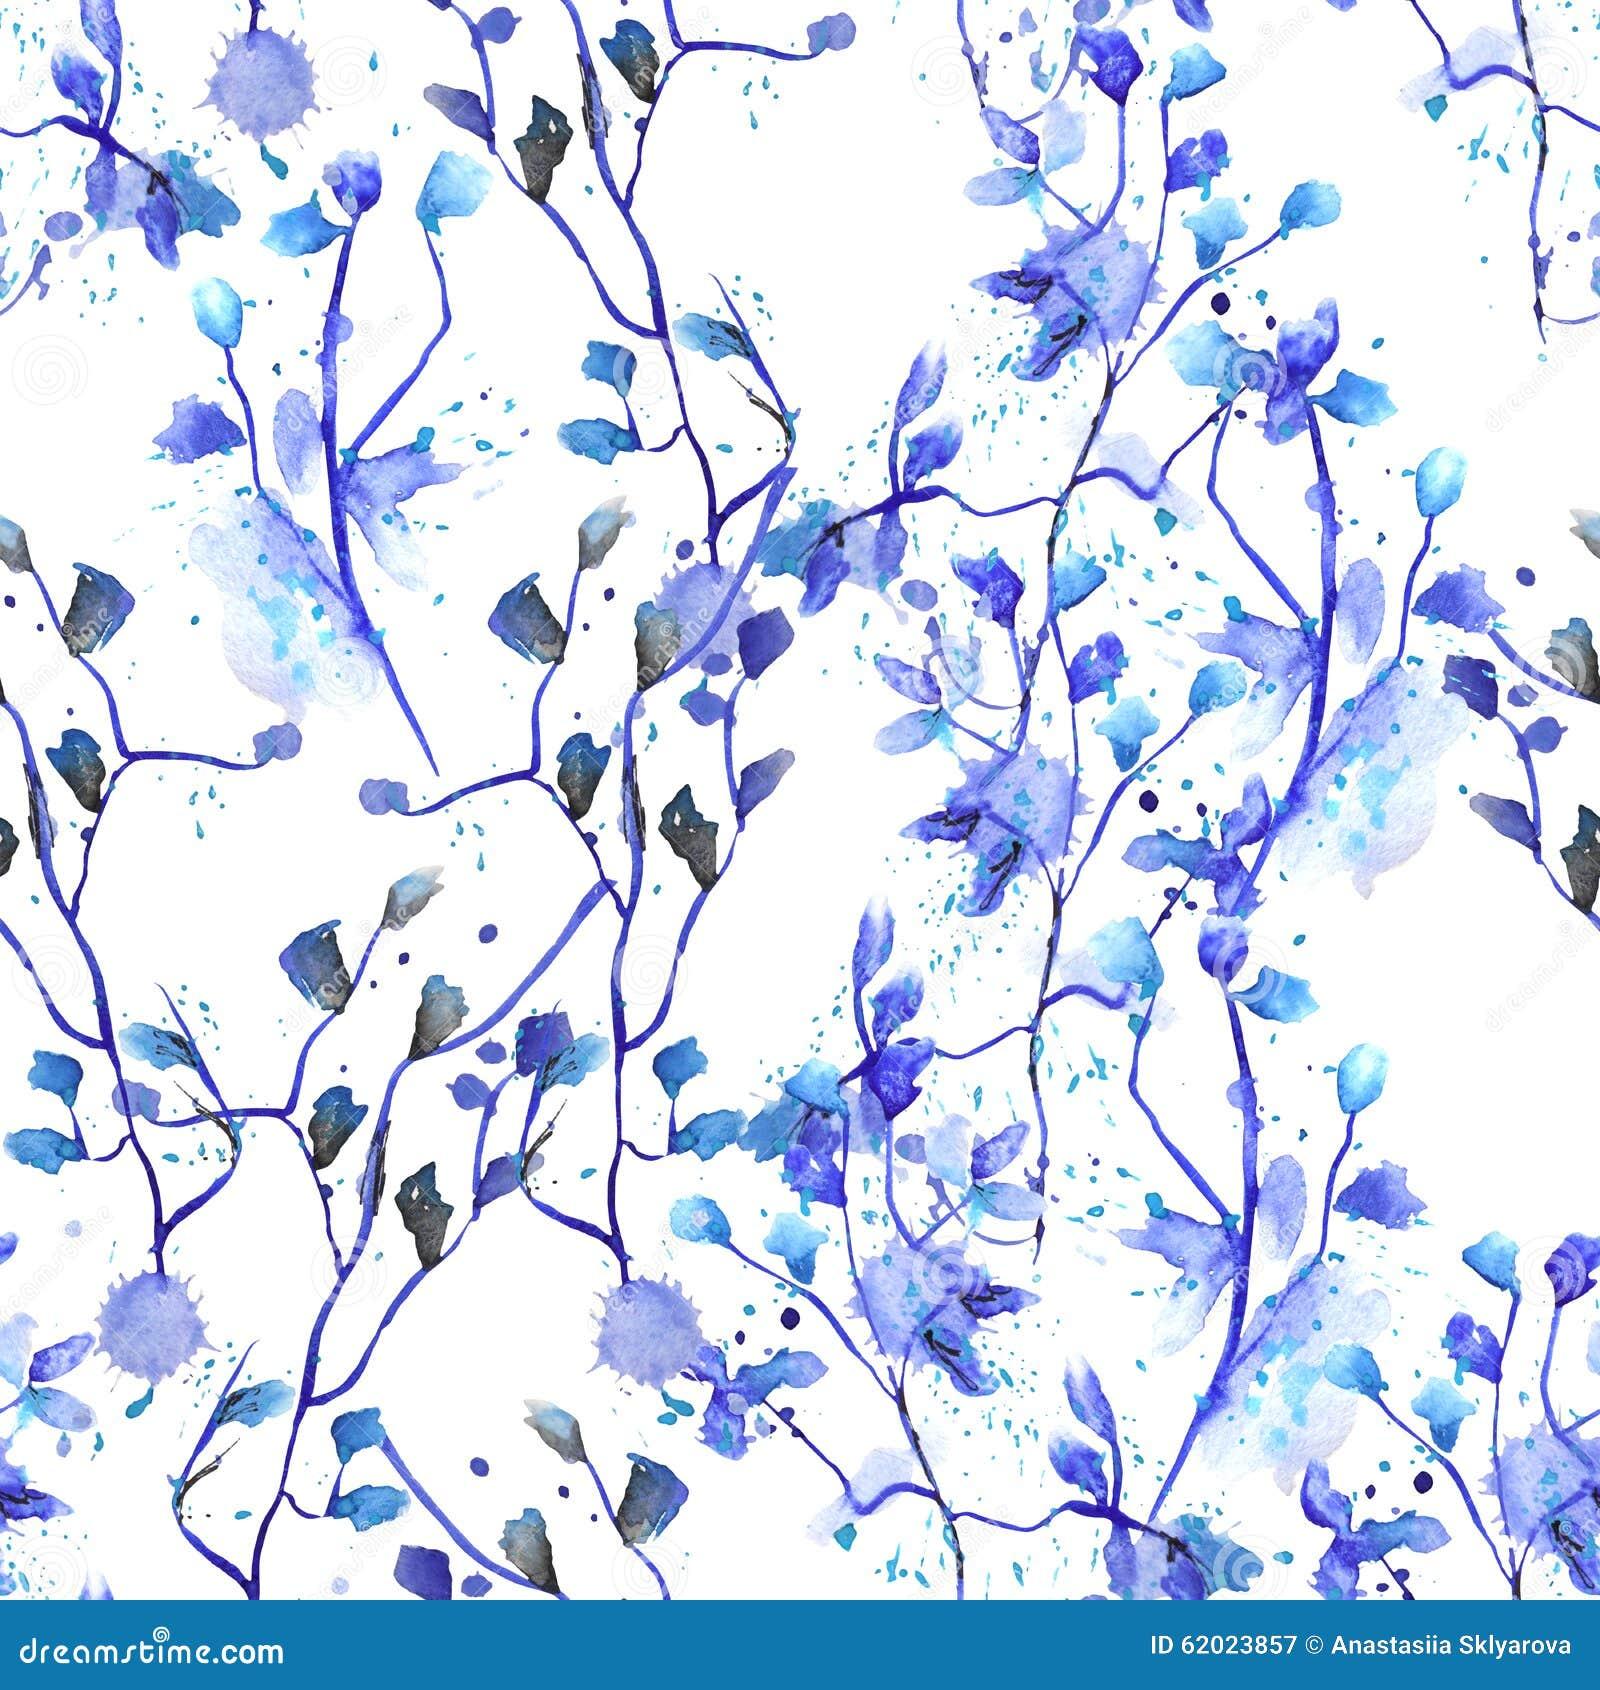 c08ca6e14469 Nahtloses Blumenmuster mit blauen Blumen auf den Niederlassungen mit Blau  lässt gemalte Handzeichnung im Aquarell mit Flecken auf einem weißen  Hintergrund